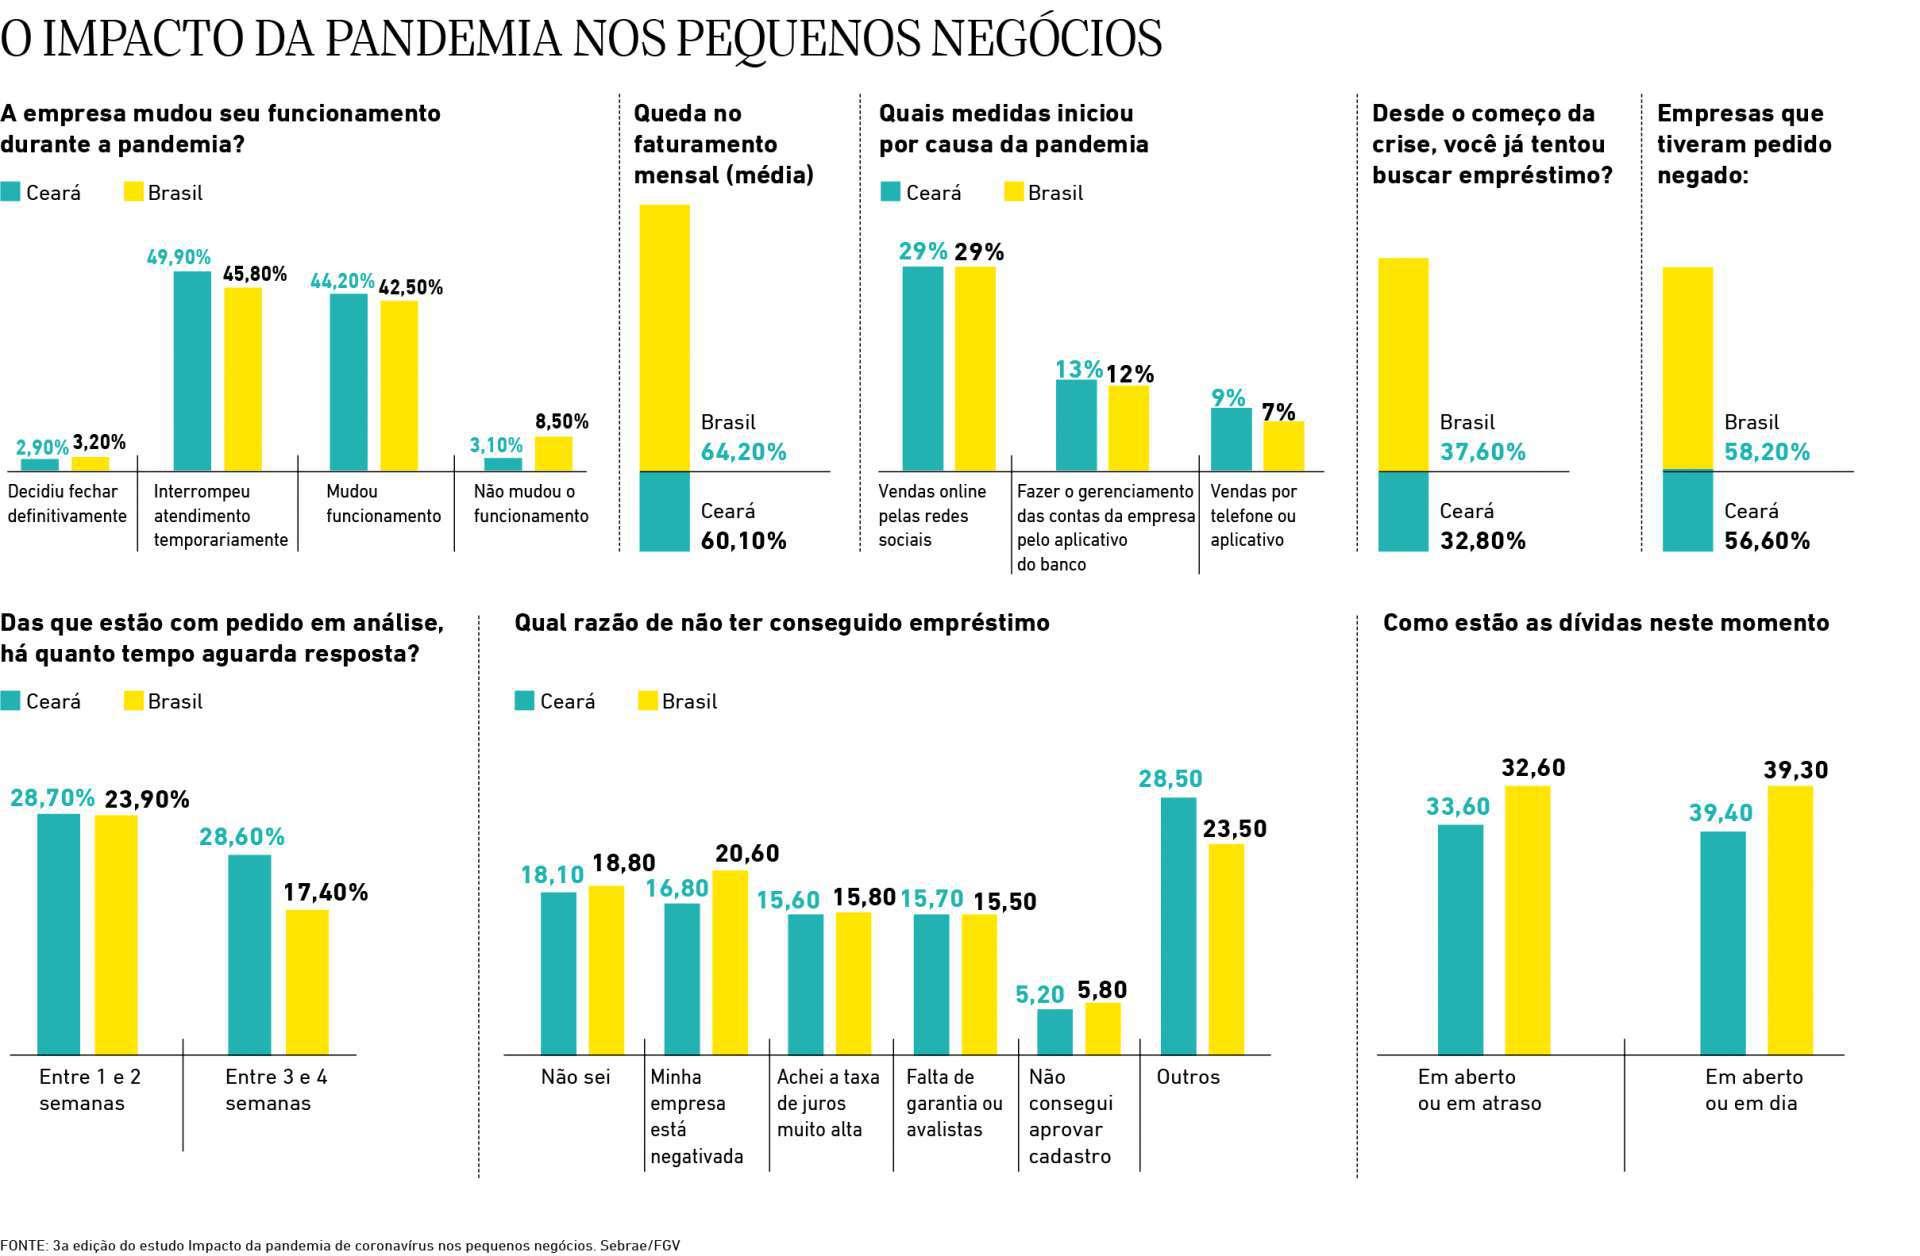 O impacto da pandemia nos pequenos negocios